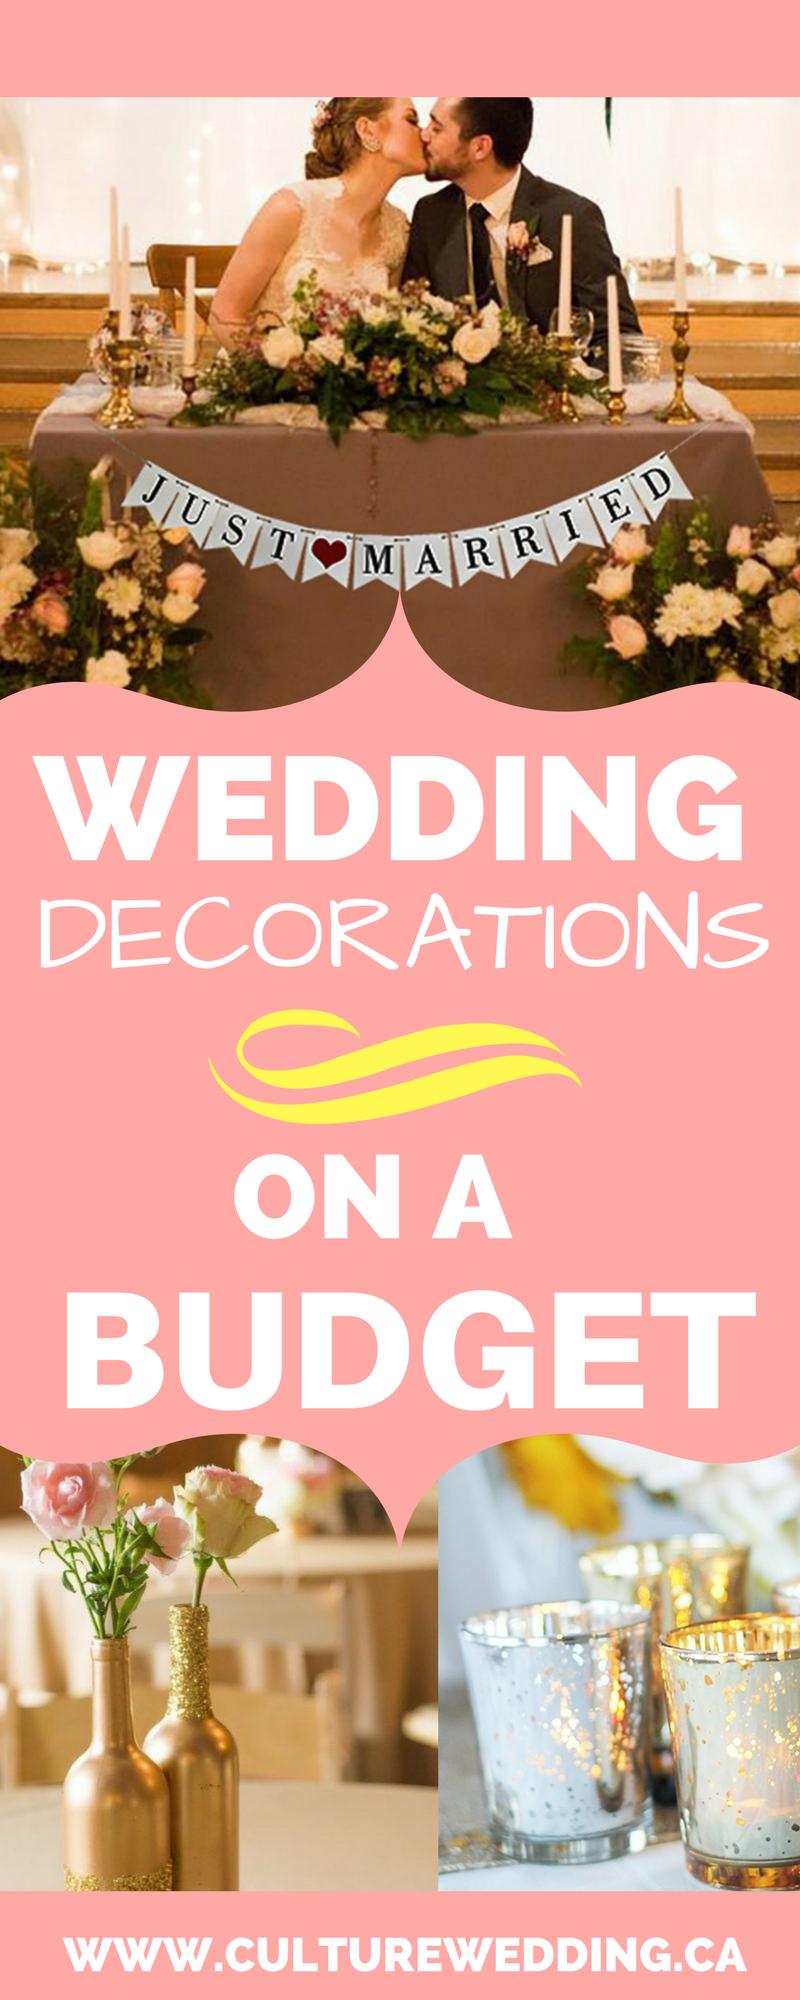 Wedding decorations on a budget wedding decoration ideas wedding